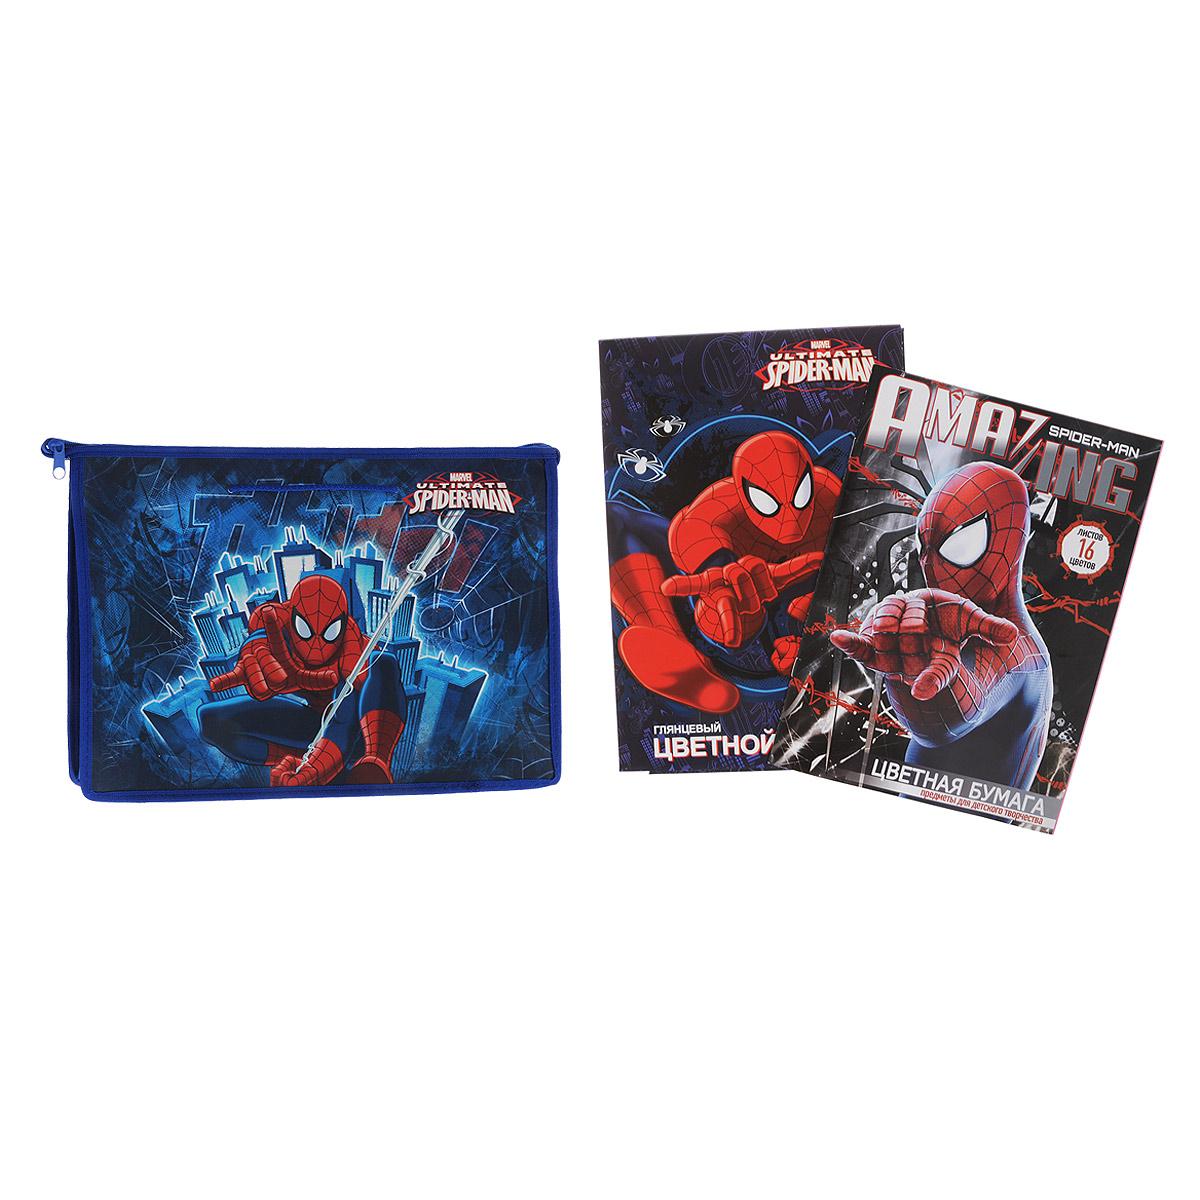 Набор школьных принадлежностей для труда Spider-man, 27 предметовSMOZ-UT1-PTR-SET2Набор школьных принадлежностей для труда Spider-man позволит юным поклонникам мультфильма всегда быть подготовленными к урокам! Набор включает в себя: папку-портфель с ручками на молнии формата А4, набор цветной бумаги 16 листов, набор цветного картона 10 листов. Пластиковая папка-портфель предназначена для хранения тетрадей, рисунков и прочих бумаг. Позволяет легко разместить в ней альбом для рисования или набор цветной бумаги. Внутри папки одно большое отделение. Закрывается папка на застежку-молнию. Яркая и удобная, такая папка непременно понравится вашему ребенку и станет стильным набором со всем необходимым к школе.